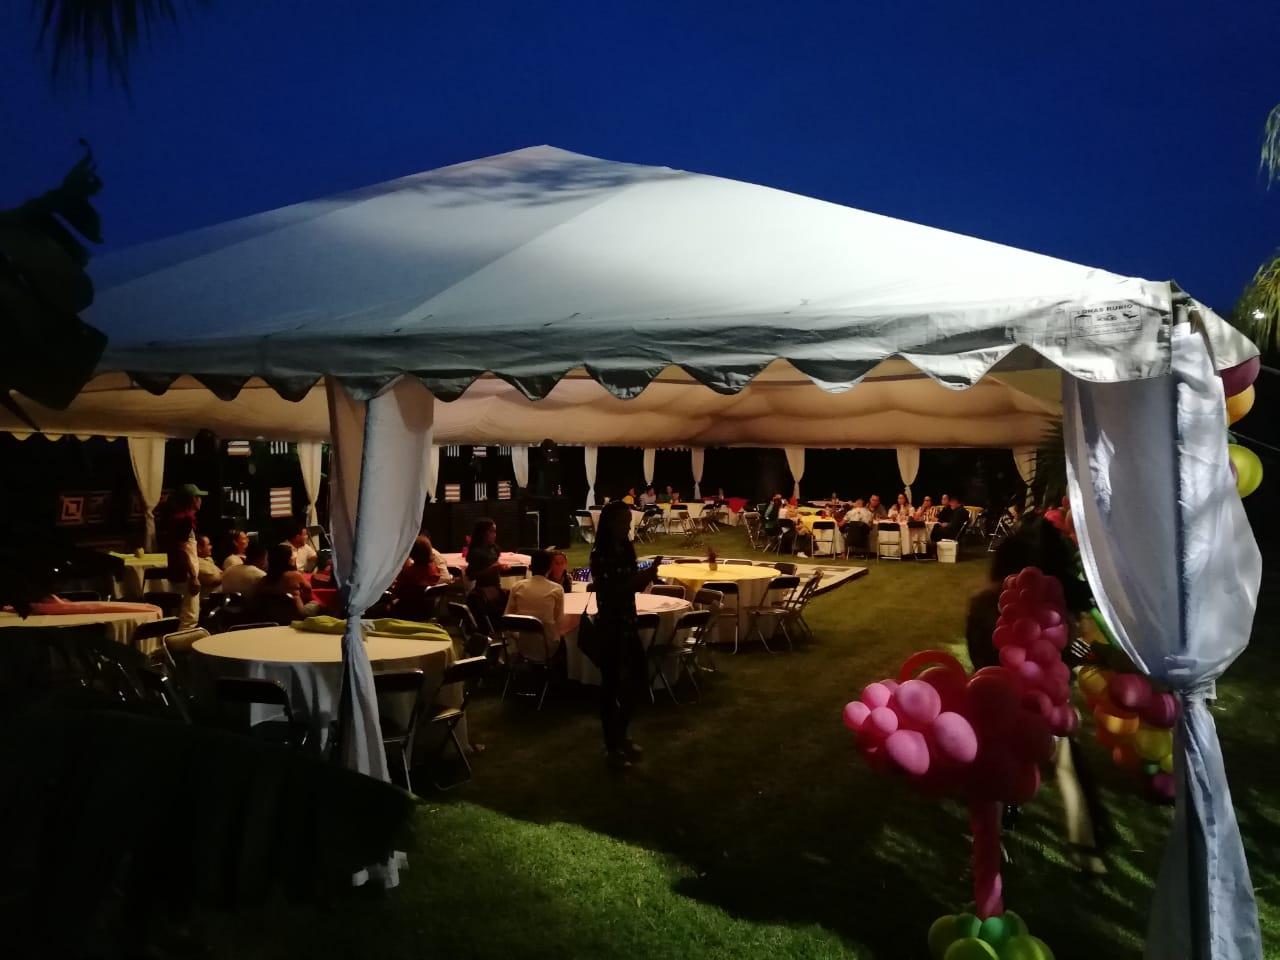 Imagen 4 del espacio Jardín rancho santa anita en Tlaquepaque, México